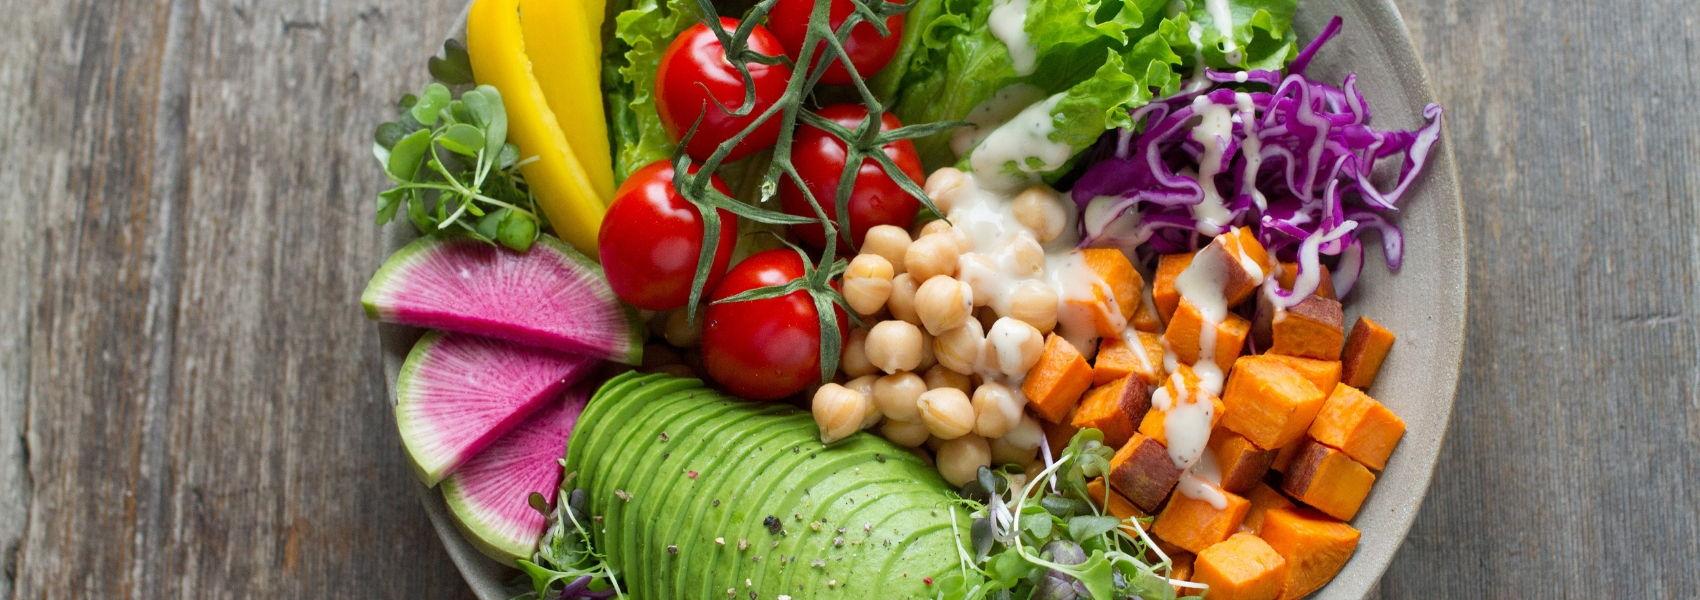 A dieta que promete salvar o mundo